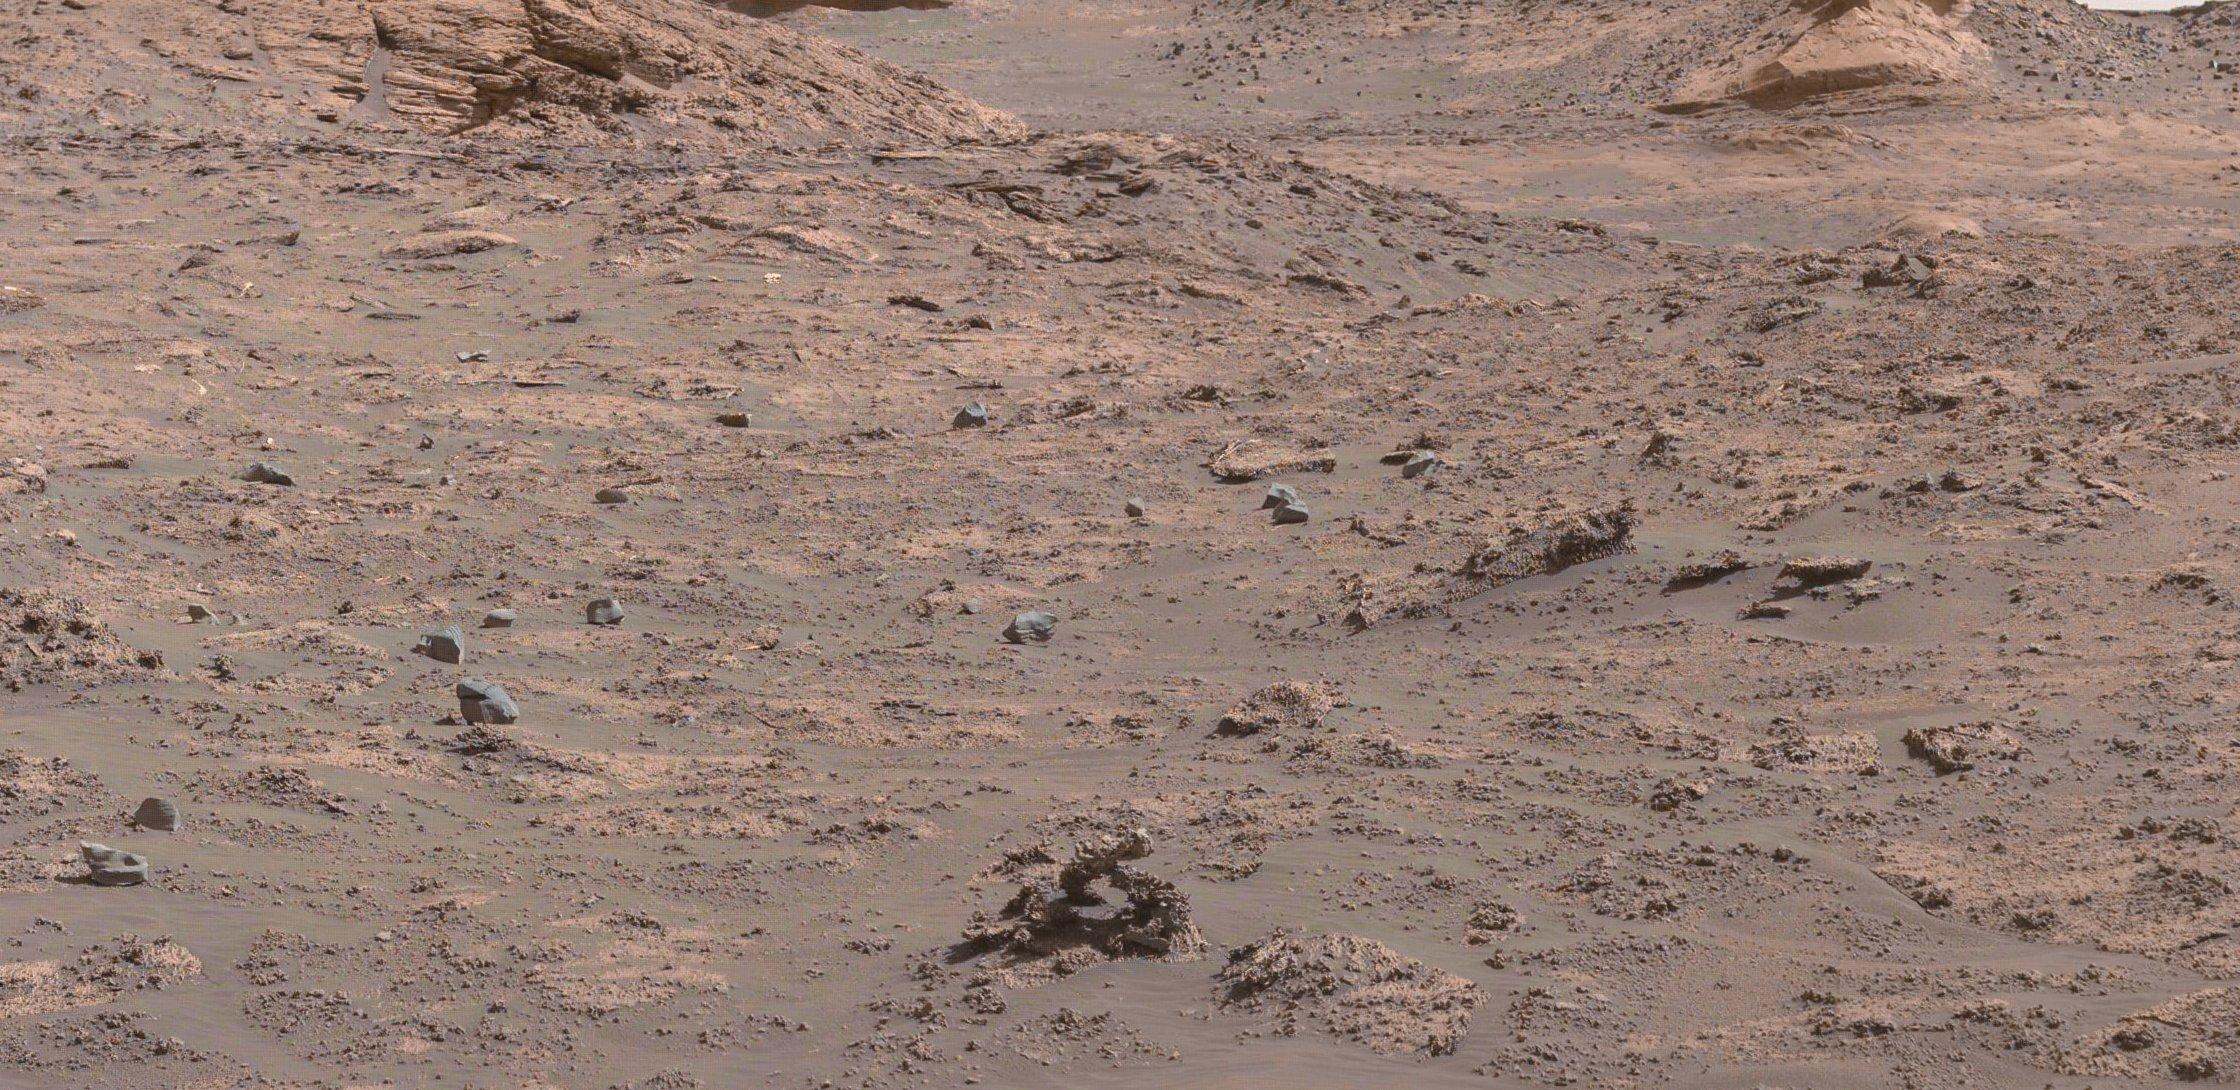 Imagem de estrutura rochosa em Marte (Foto: Reprodução / Twitter)